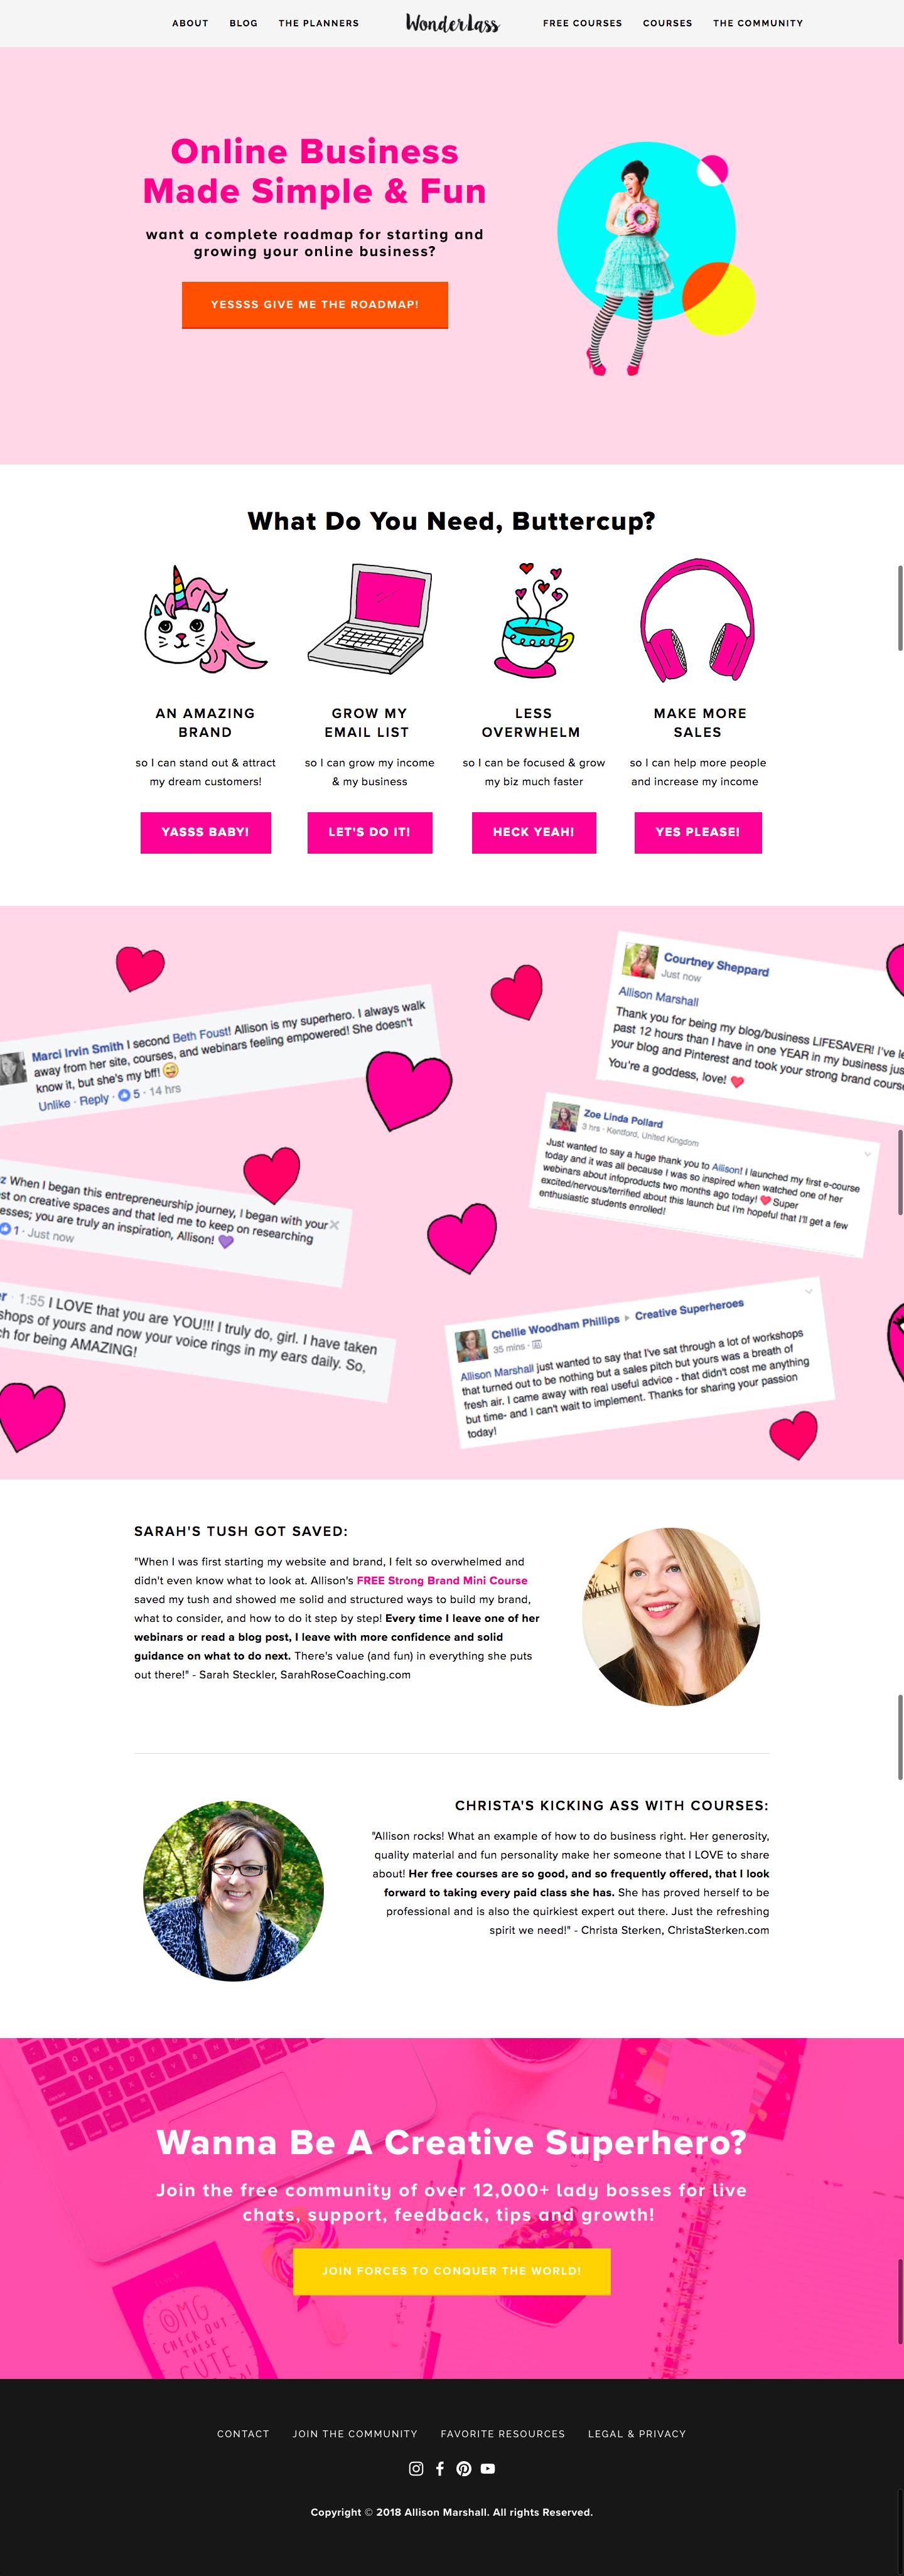 Wonderlass Start Here for Bloggers and Creative Entrepreneurs